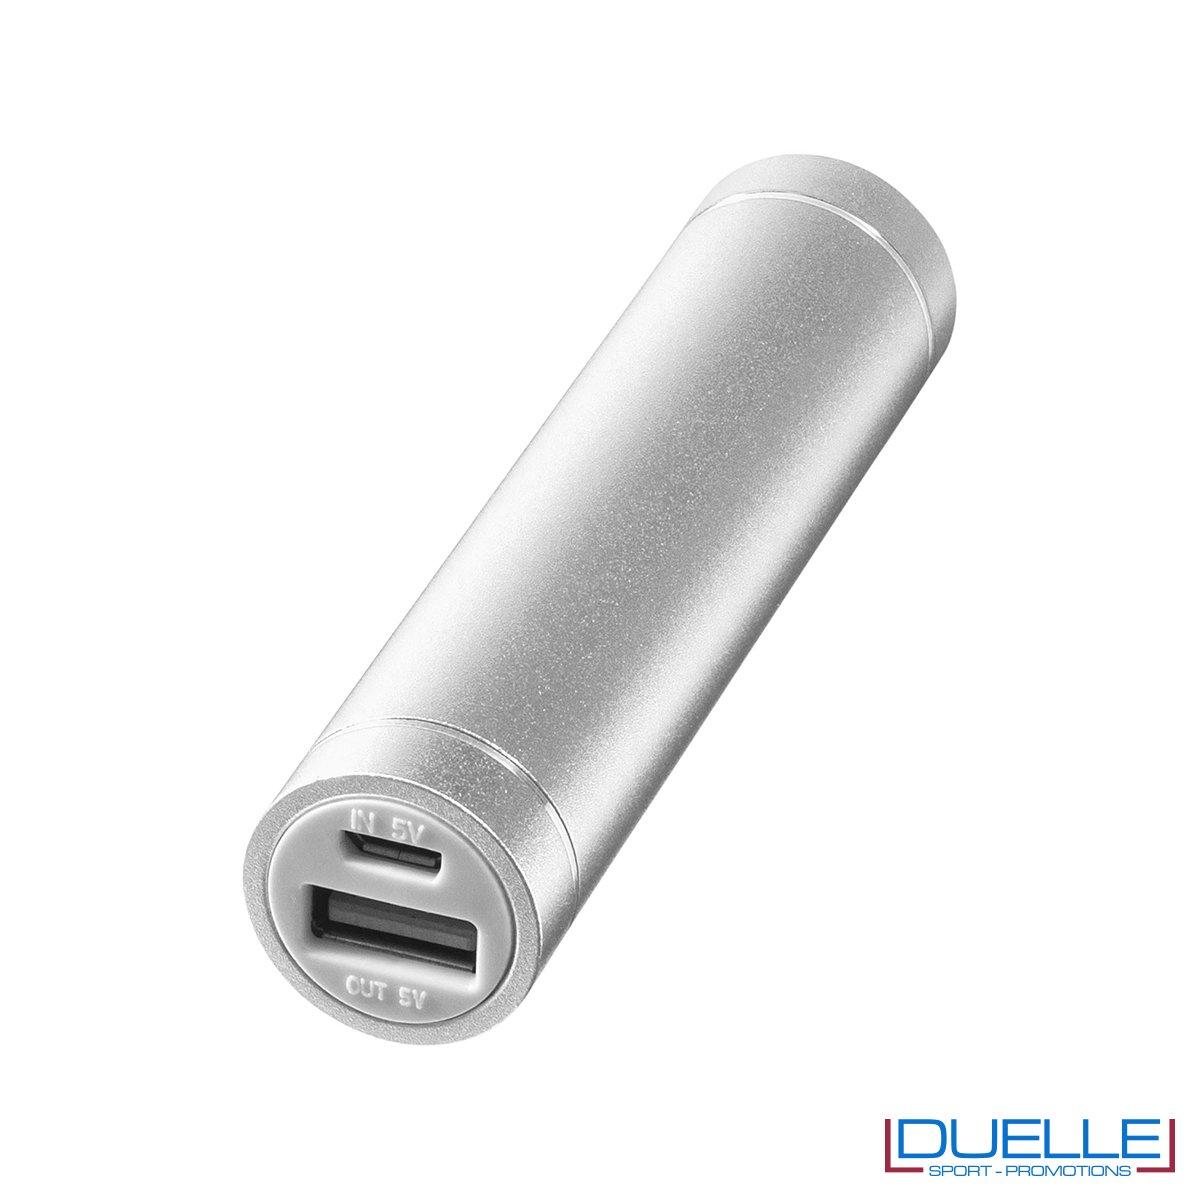 Power bank promozionale in alluminio anodizzato cilindrico colore silver